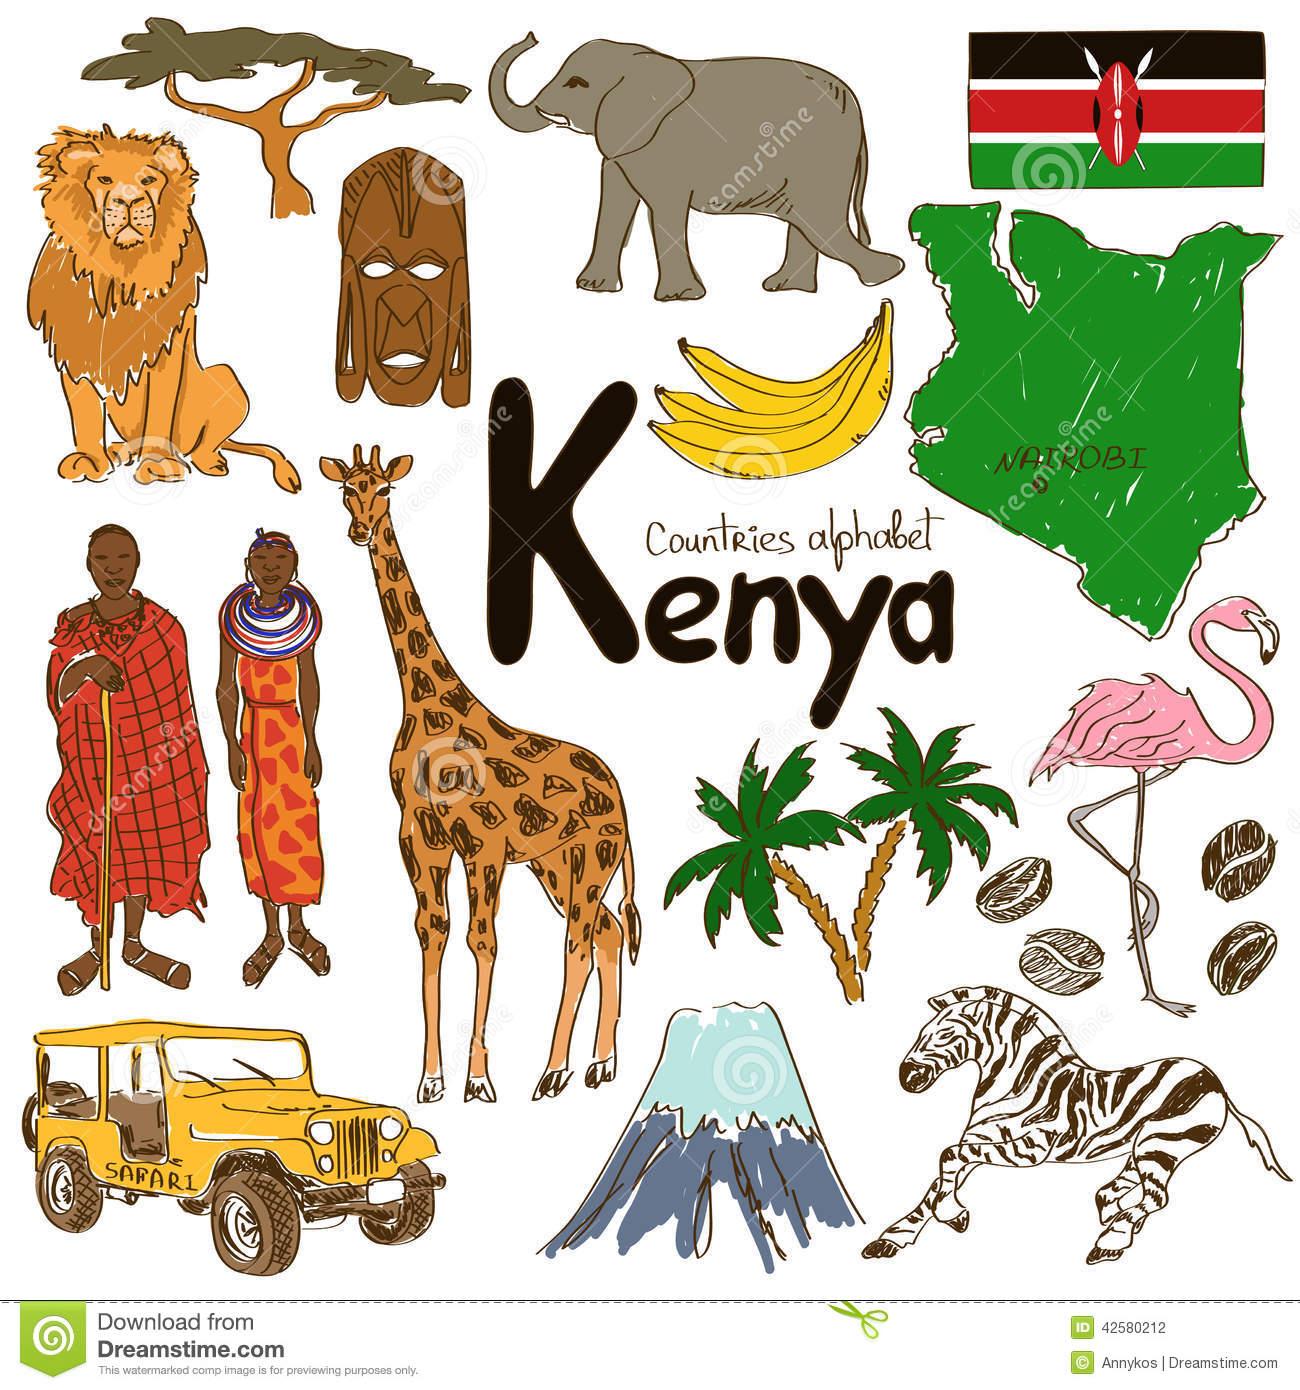 Kenia clipart #19, Download drawings